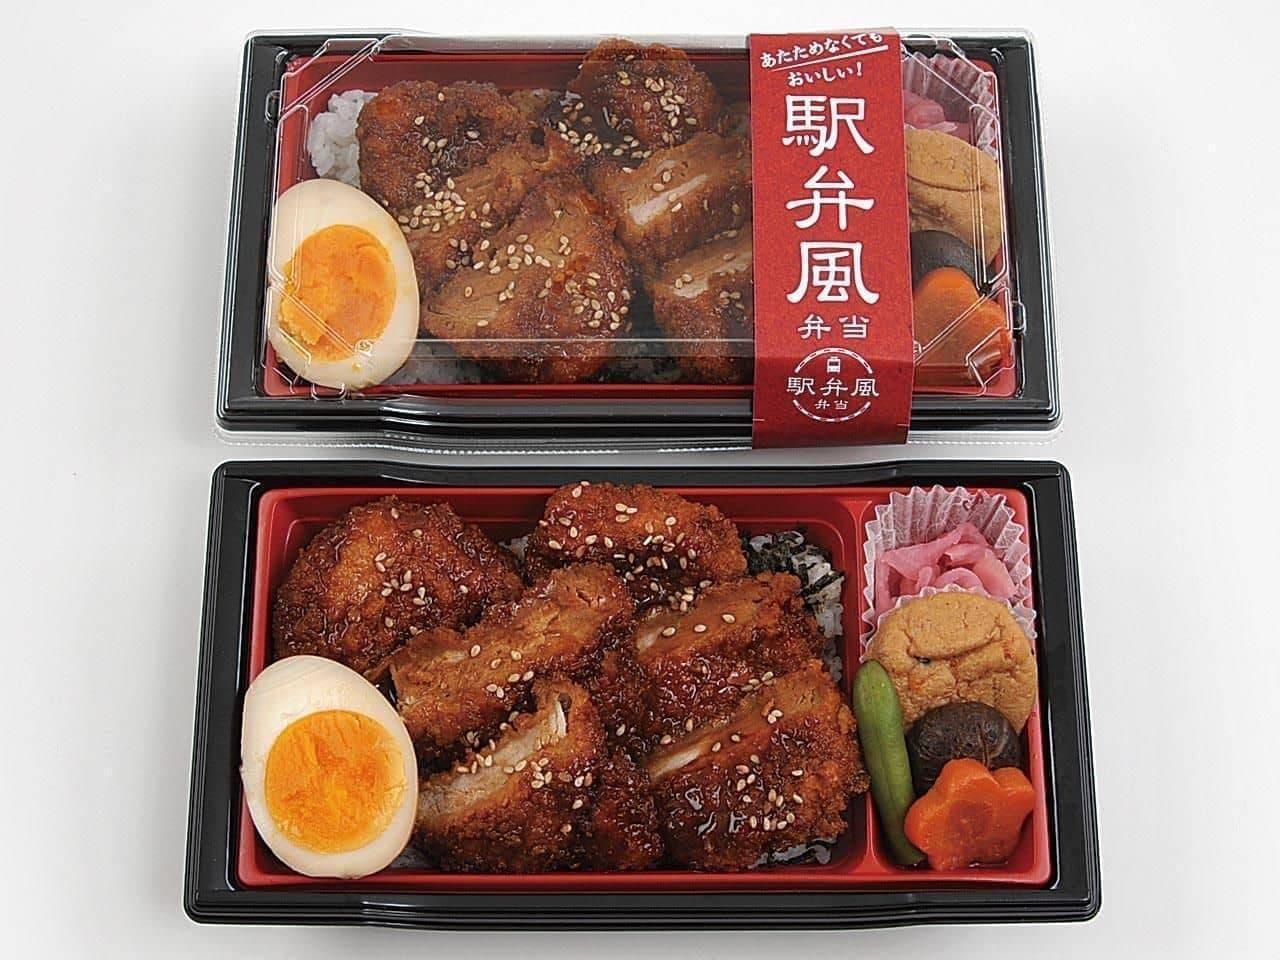 ミニストップ「駅弁風 味噌ヒレかつ弁当」